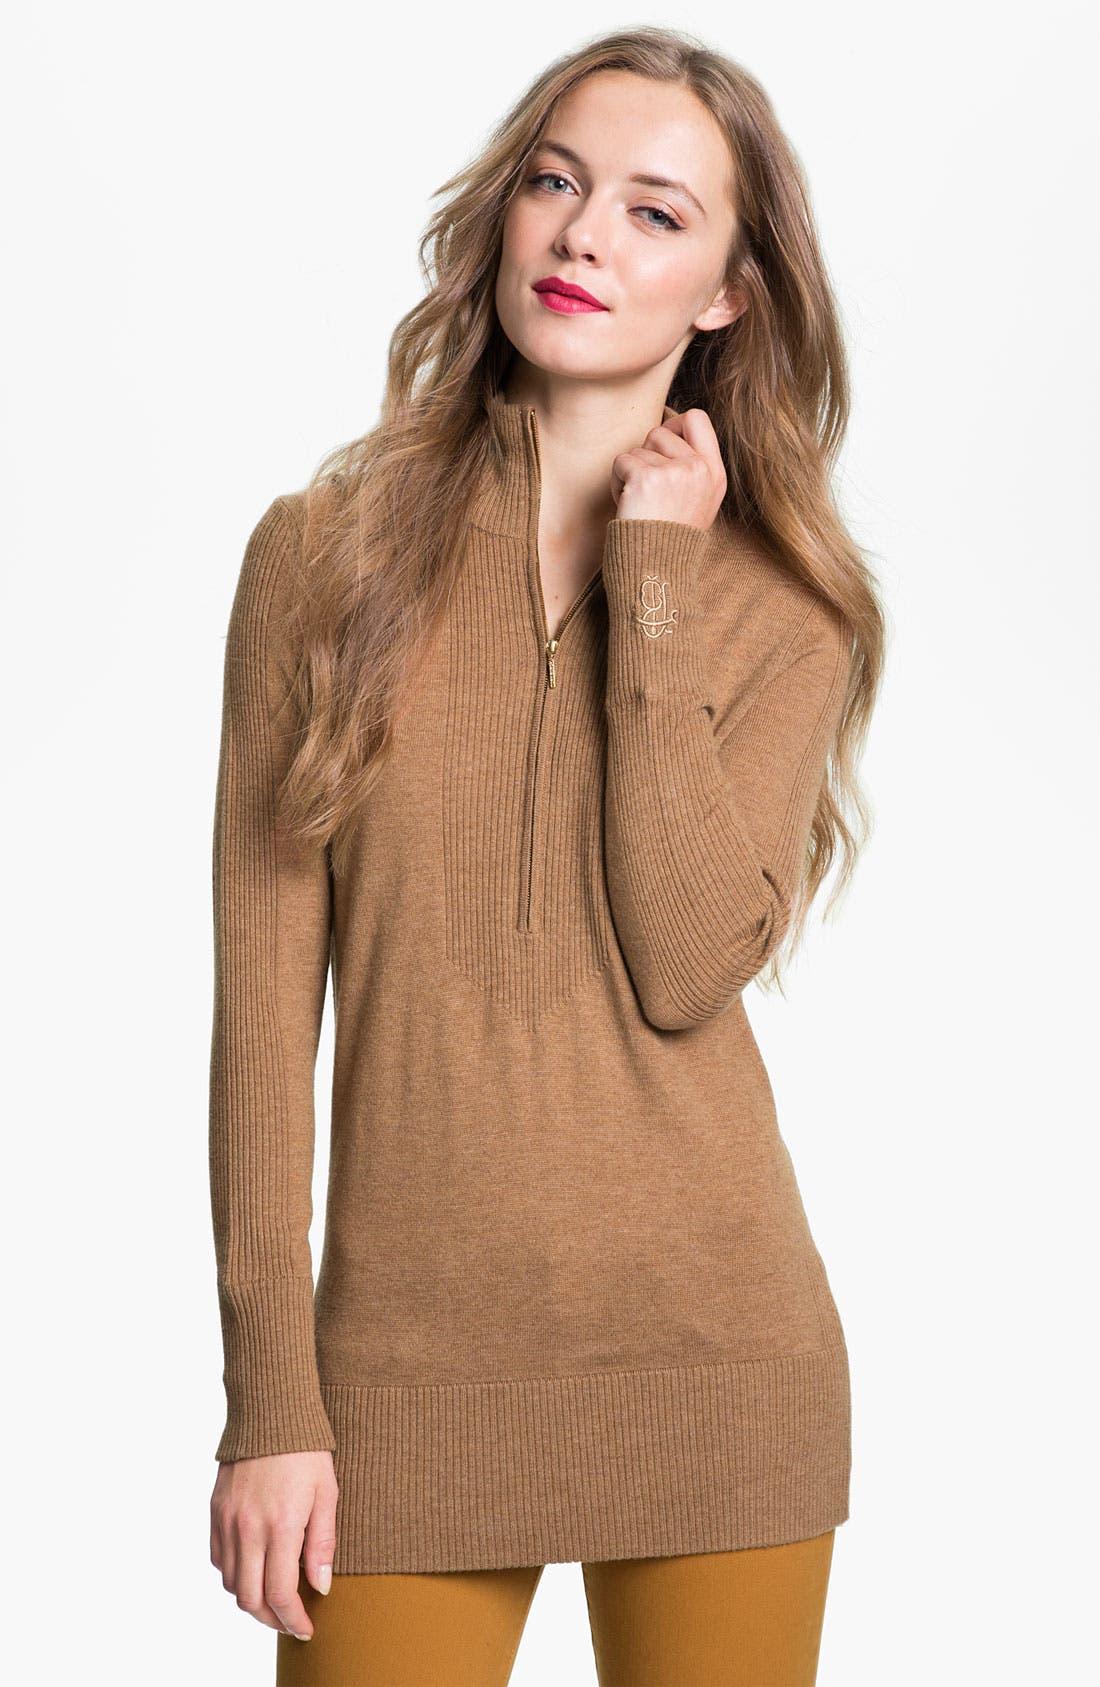 Main Image - Tory Burch 'Alora' Half Zip Sweater (Online Exclusive)